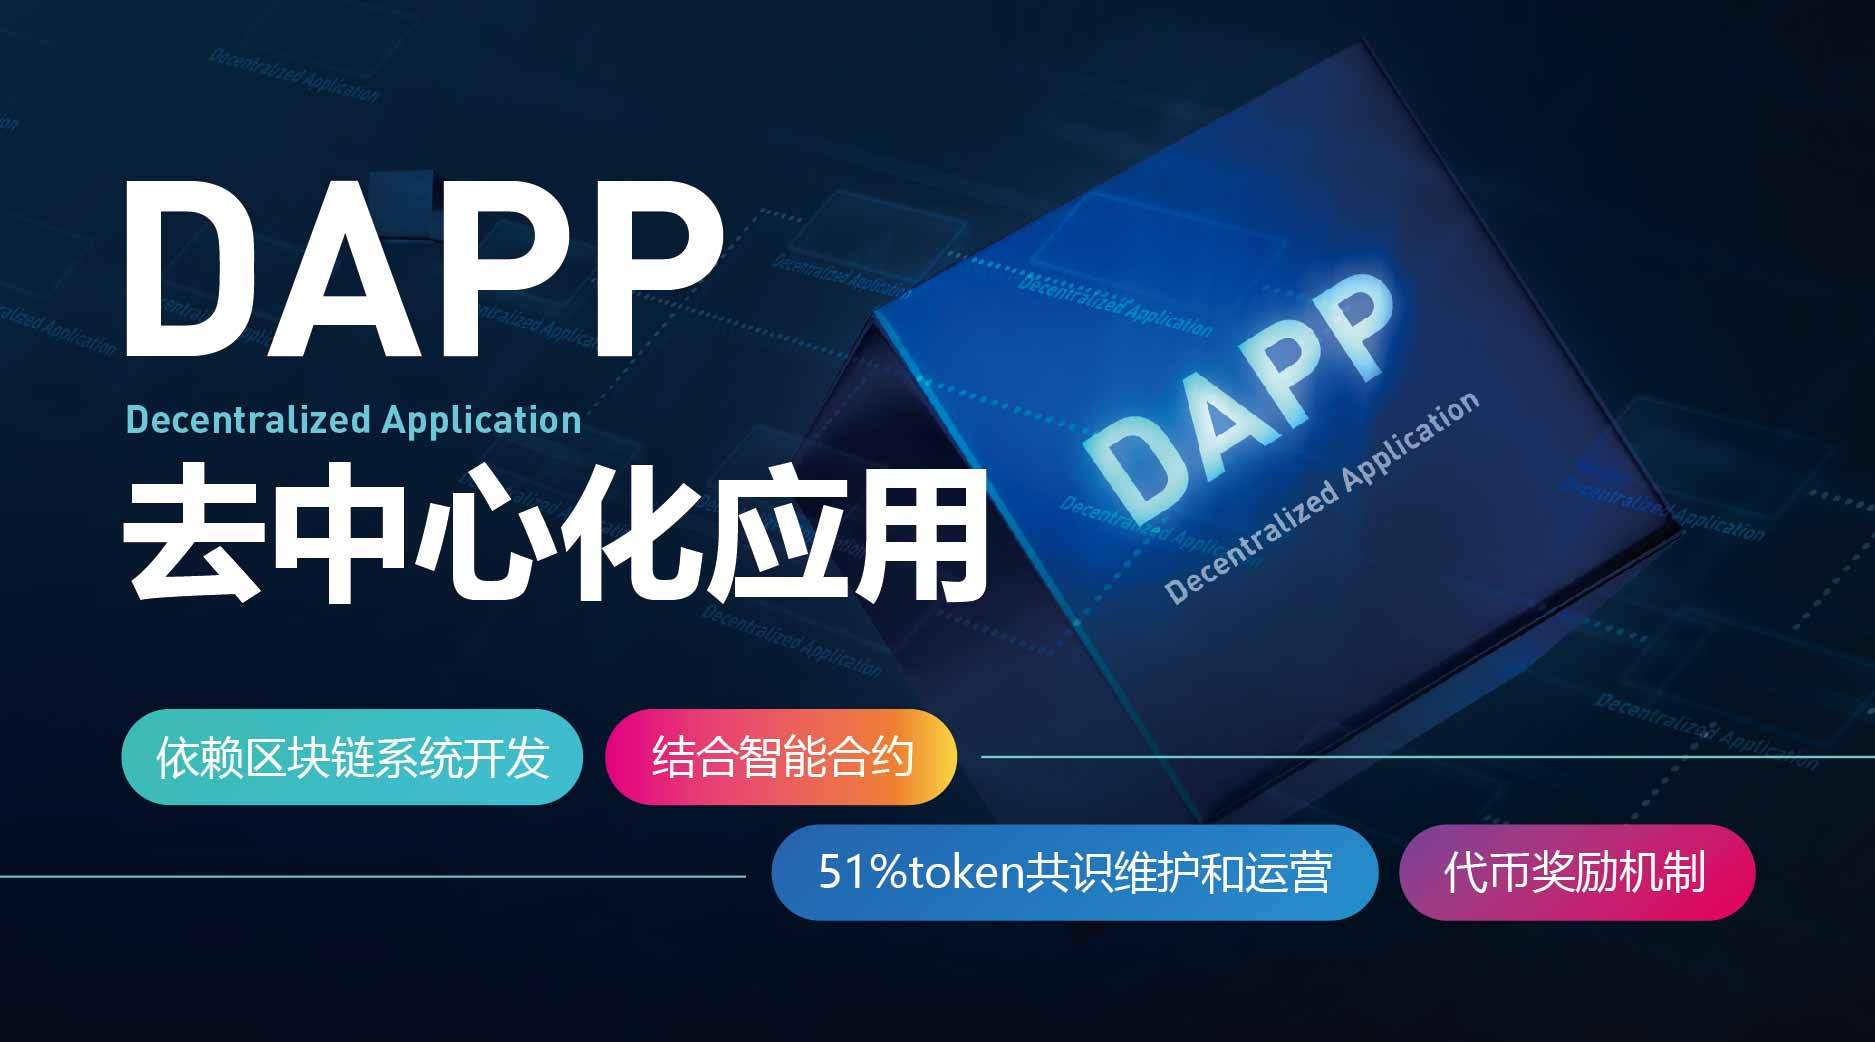 """号称开启""""区块链3.0时代""""的DAPP到"""